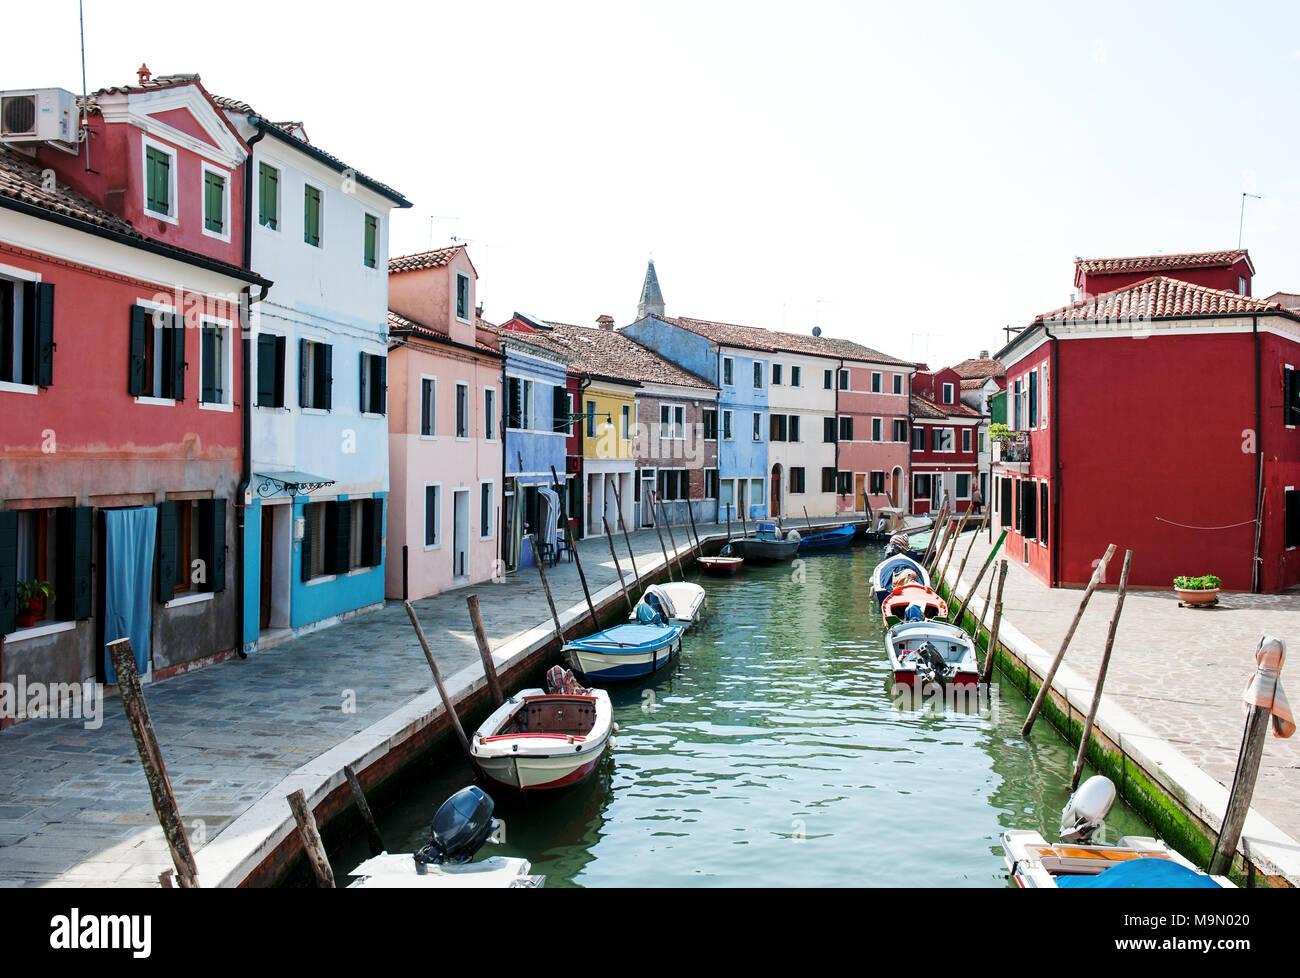 Bunte Häuser entlang eines Kanals in Burano, Venedig, Italien. Burano ist eine gemütliche Insel in der Lagune von Venedig für seine bunten Häuser bekannt. Stockbild